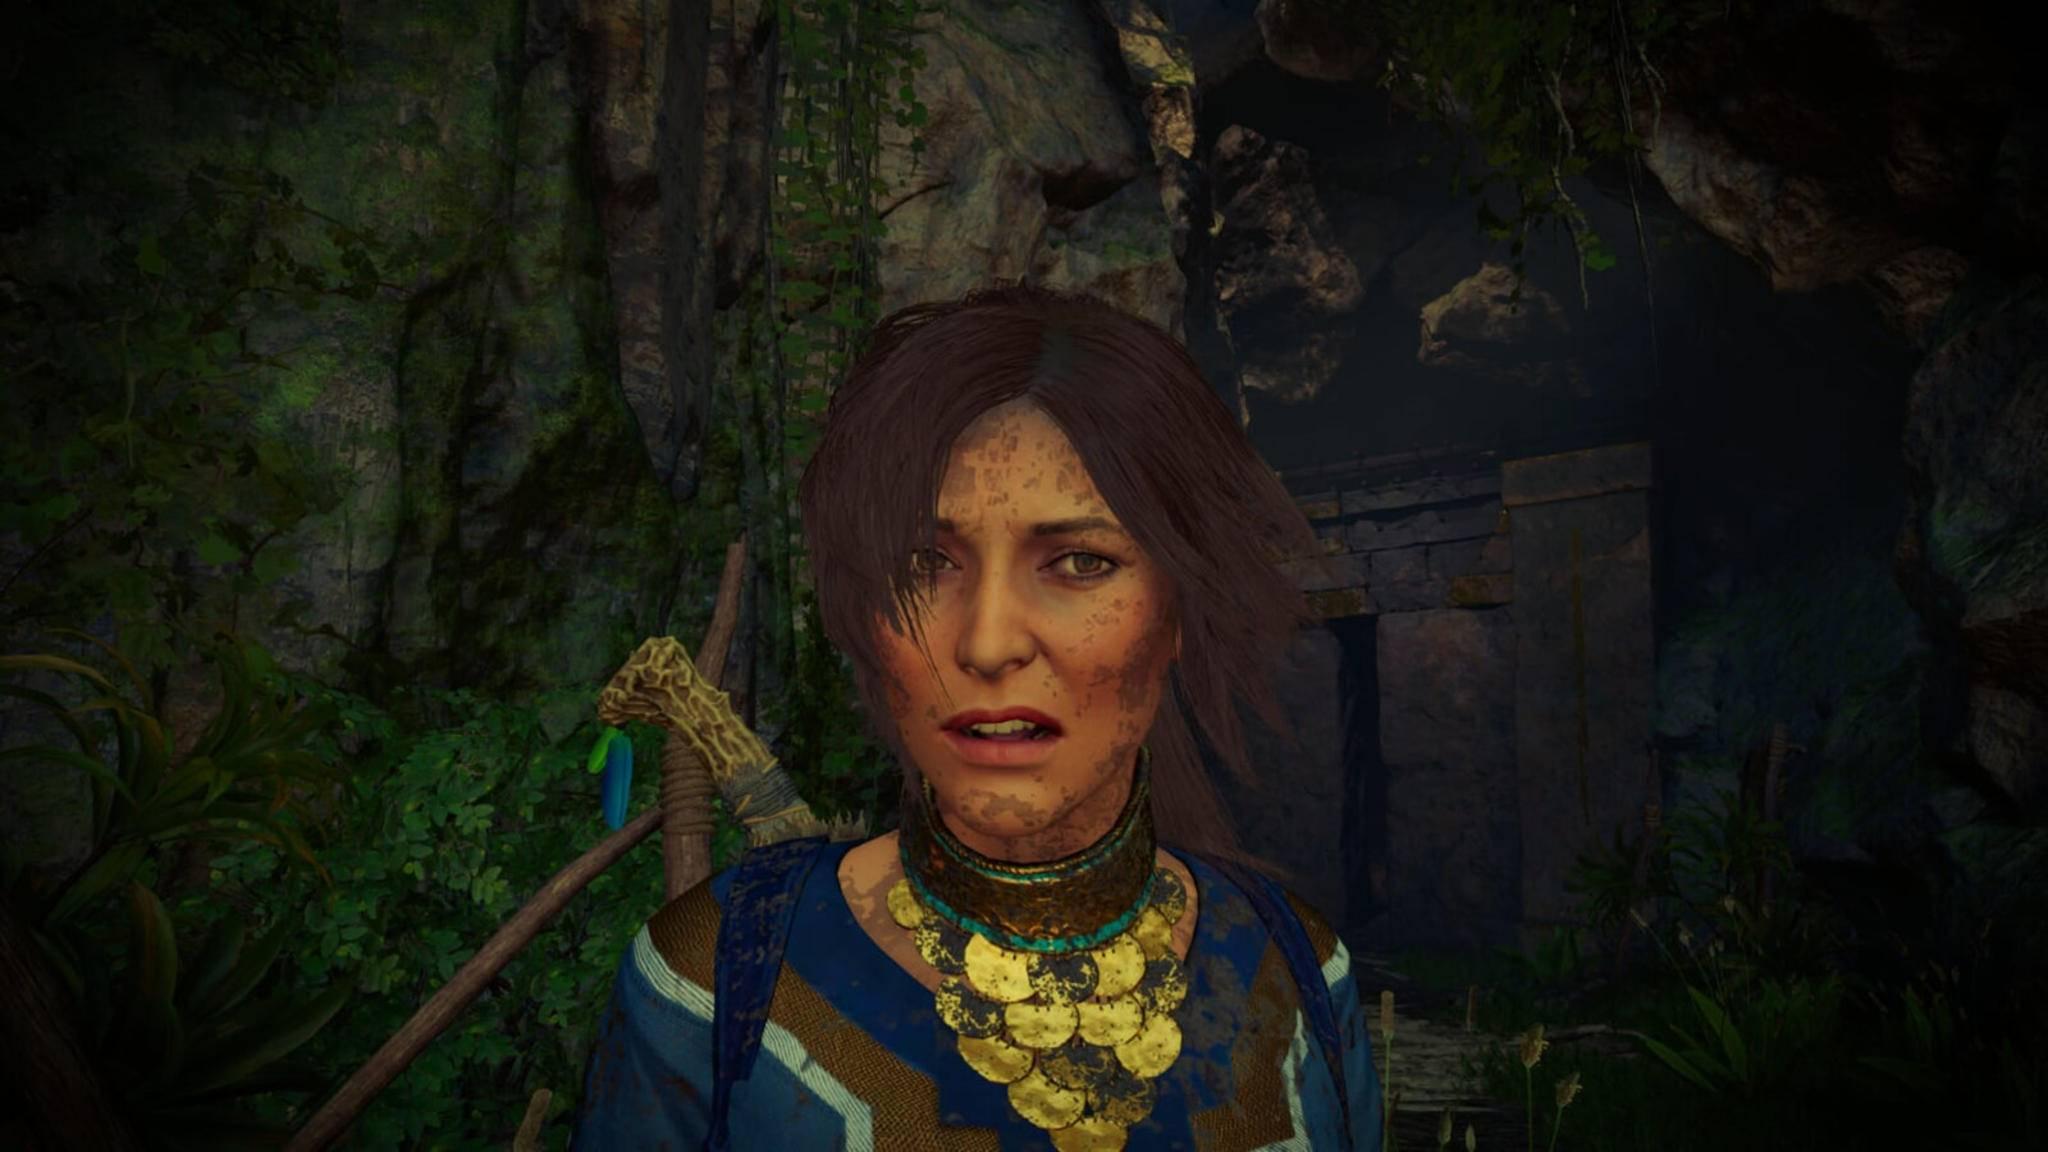 Warum guckt Lara denn so säuerlich? Der Grund versteckt sich schräg hinter der Heldin ...